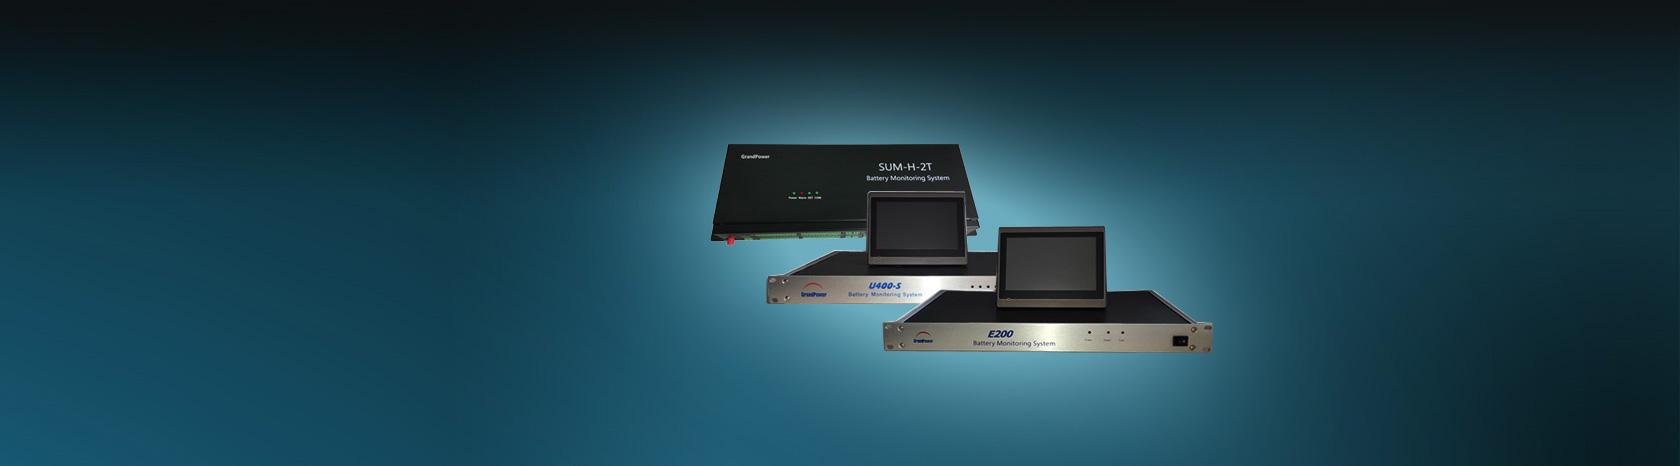 巨成科技(GrandPower)蓄电池系统安全监测管理系统